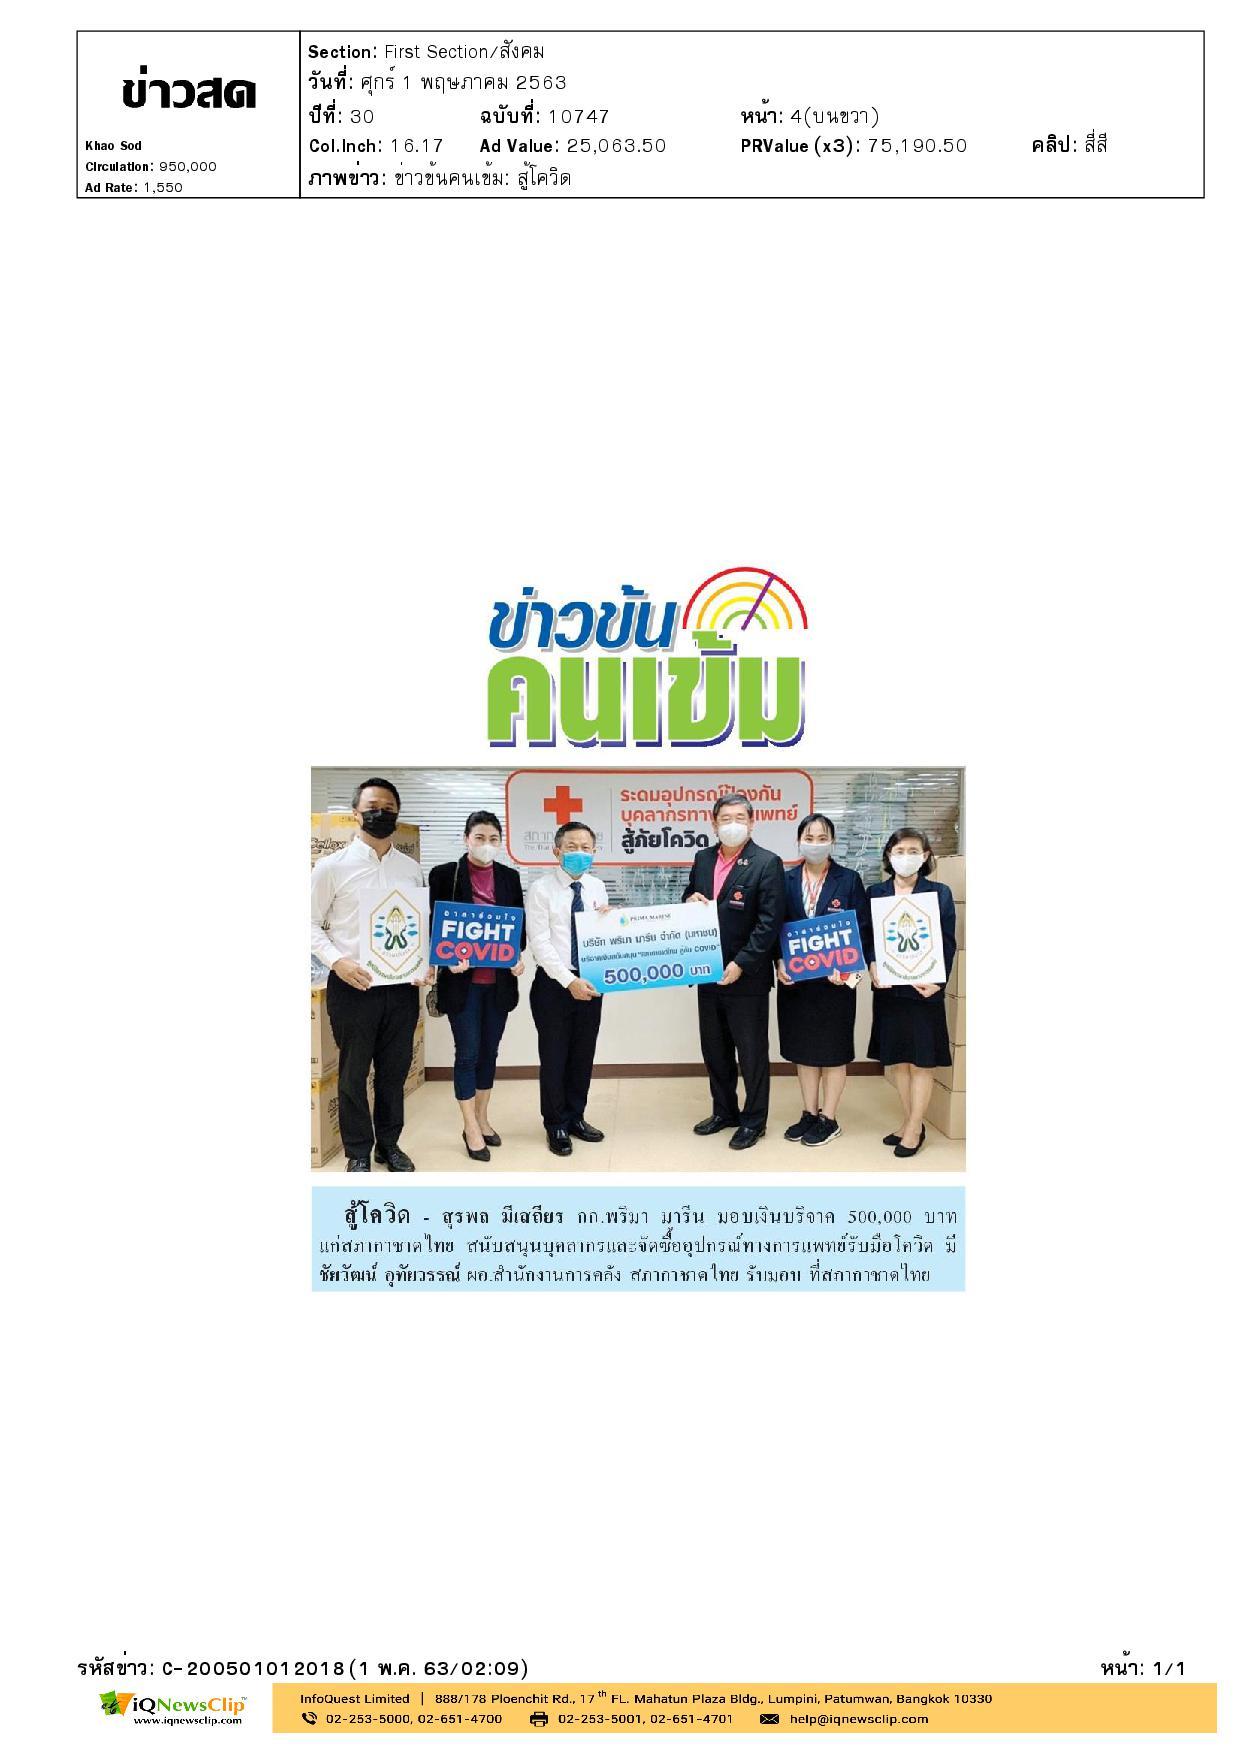 มอบเงินสบทบทุนโครงการอาสาร่วมใจ Fight COVID ของสภากาชาดไทย